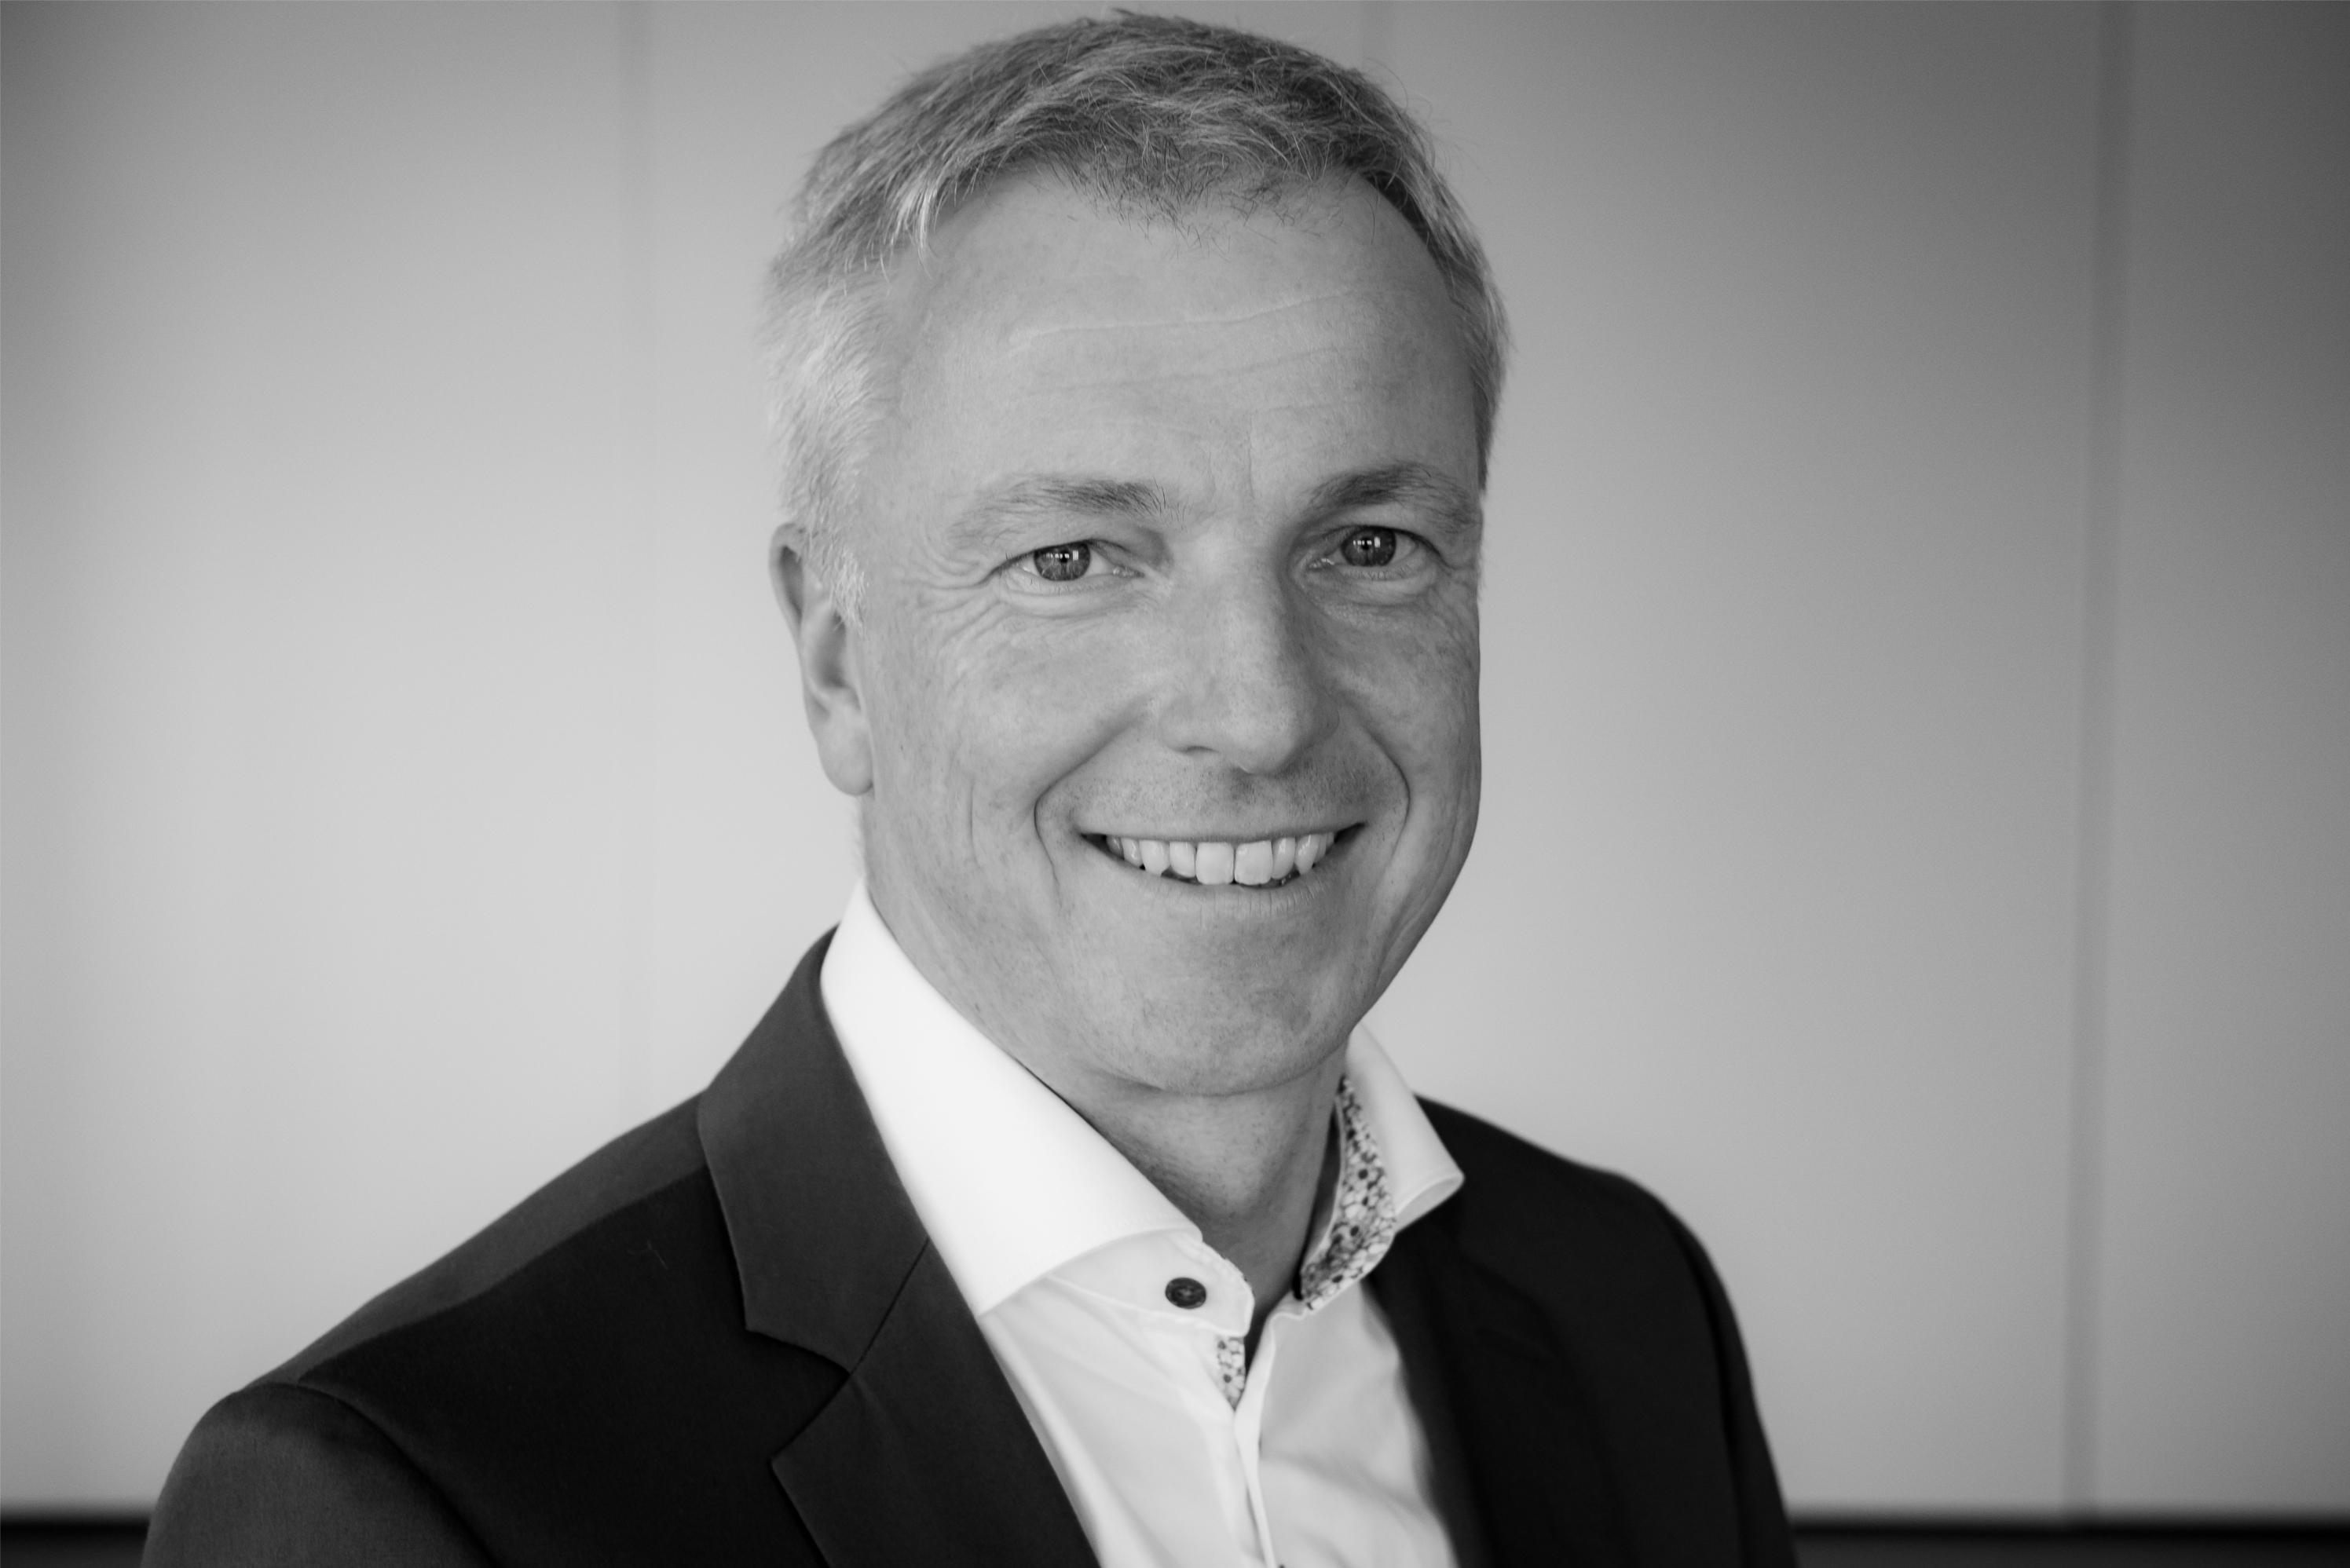 Markus Brümmer